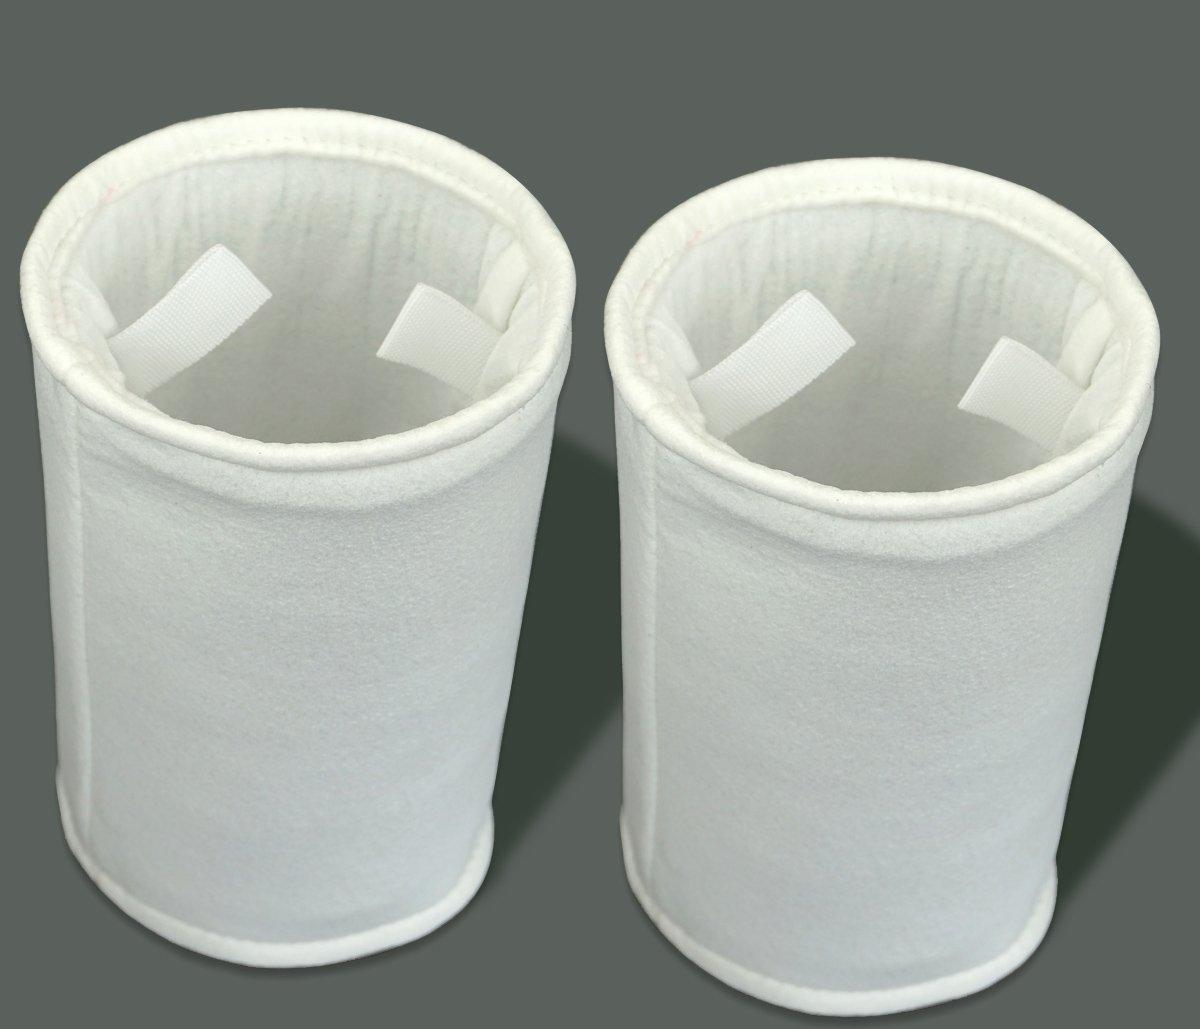 2pcs all purpose filter bag for LA spa bags fits LA hot tub filter